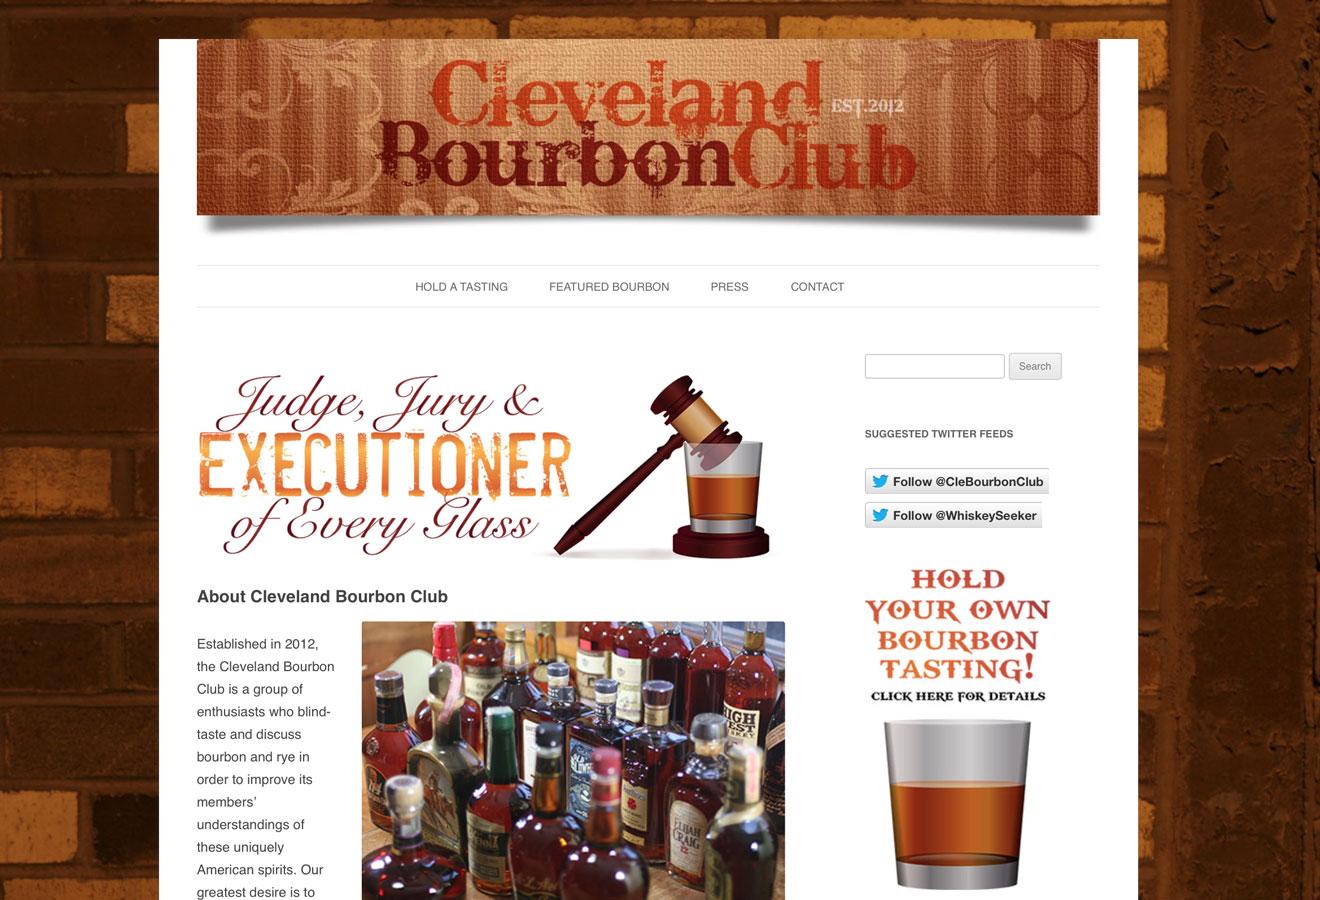 http://www.clevelandbourbonclub.com